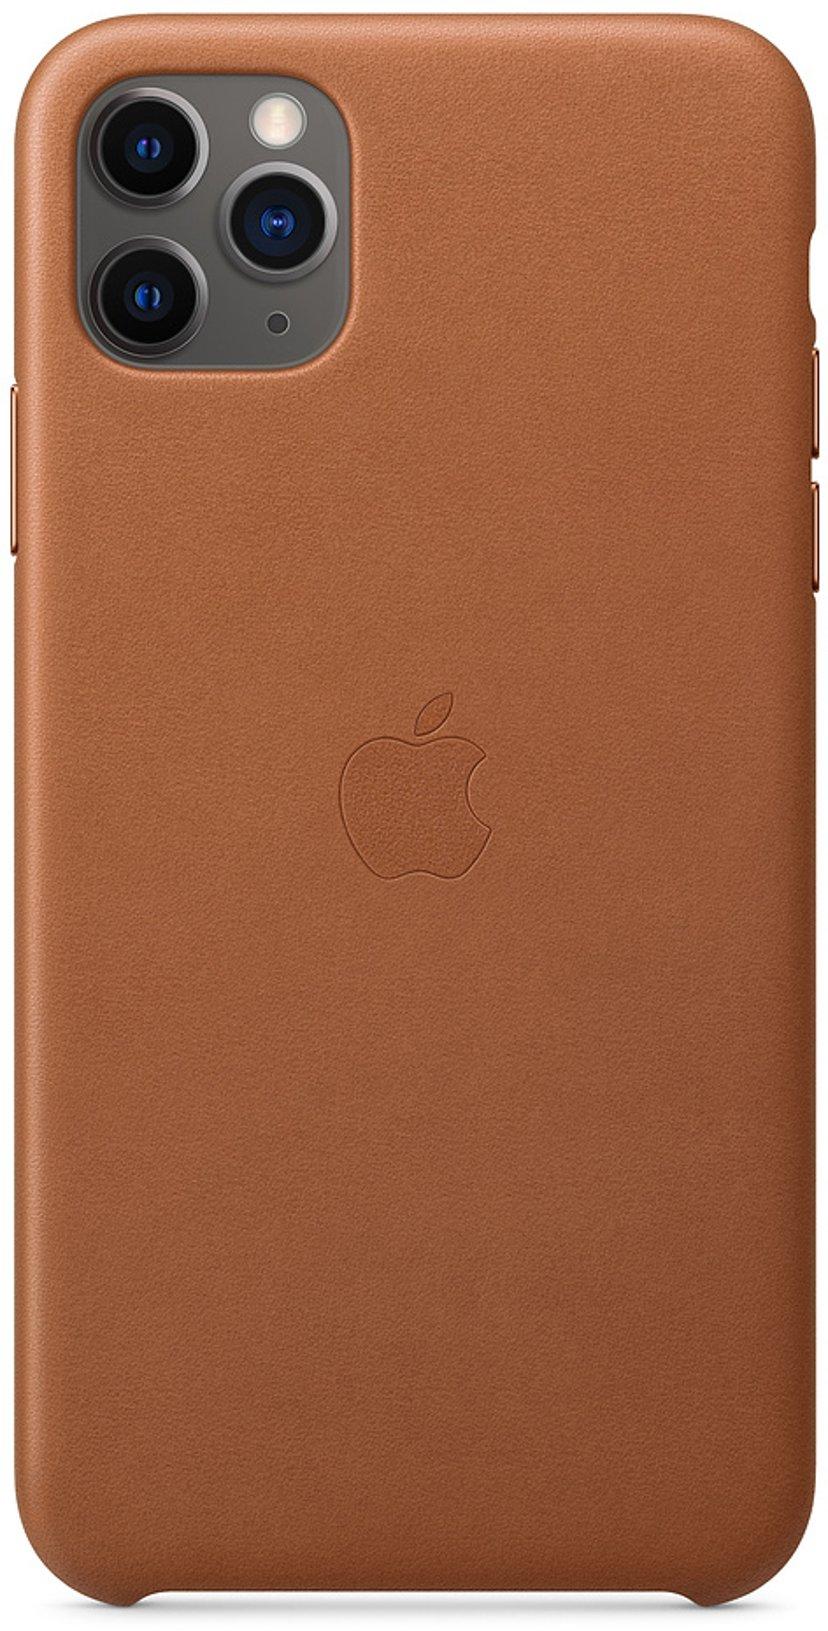 Apple Baksidesskydd för mobiltelefon iPhone 11 Pro Max Sadelbrun